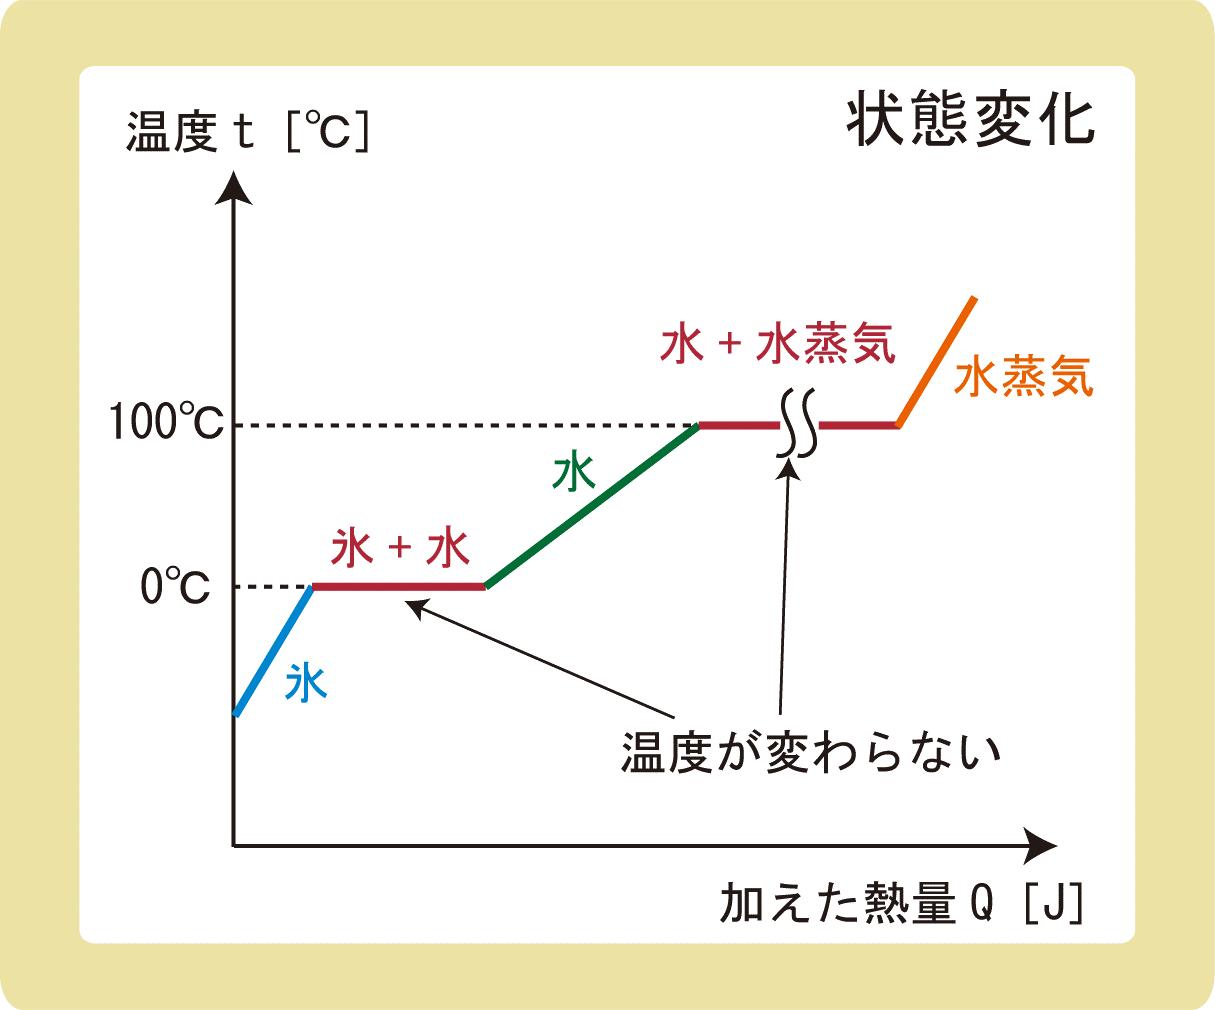 水の温度と状態変化のグラフ